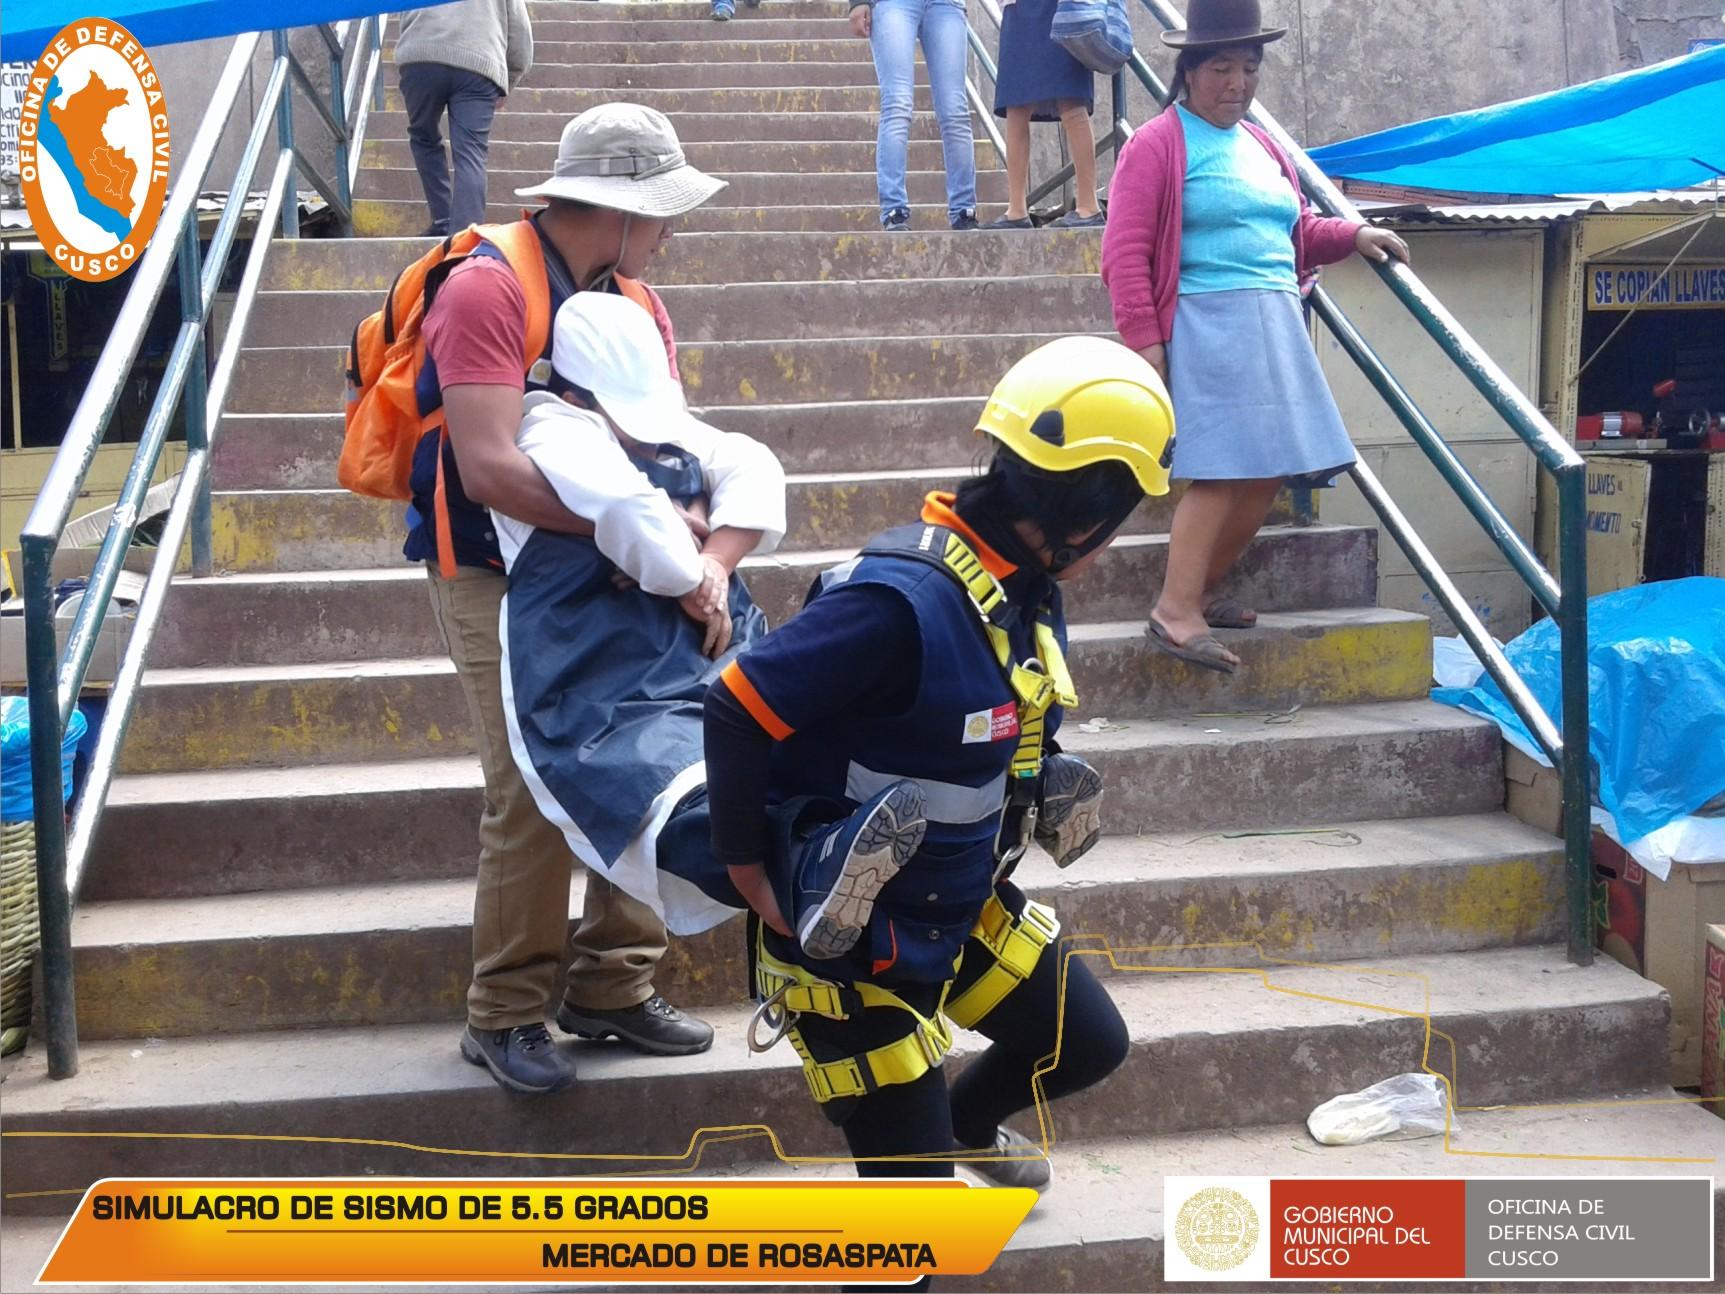 COMERCIANTES DEL MERCADO DE ROSASPATA PARTICIPARON DE SIMULACRO DE SISMO